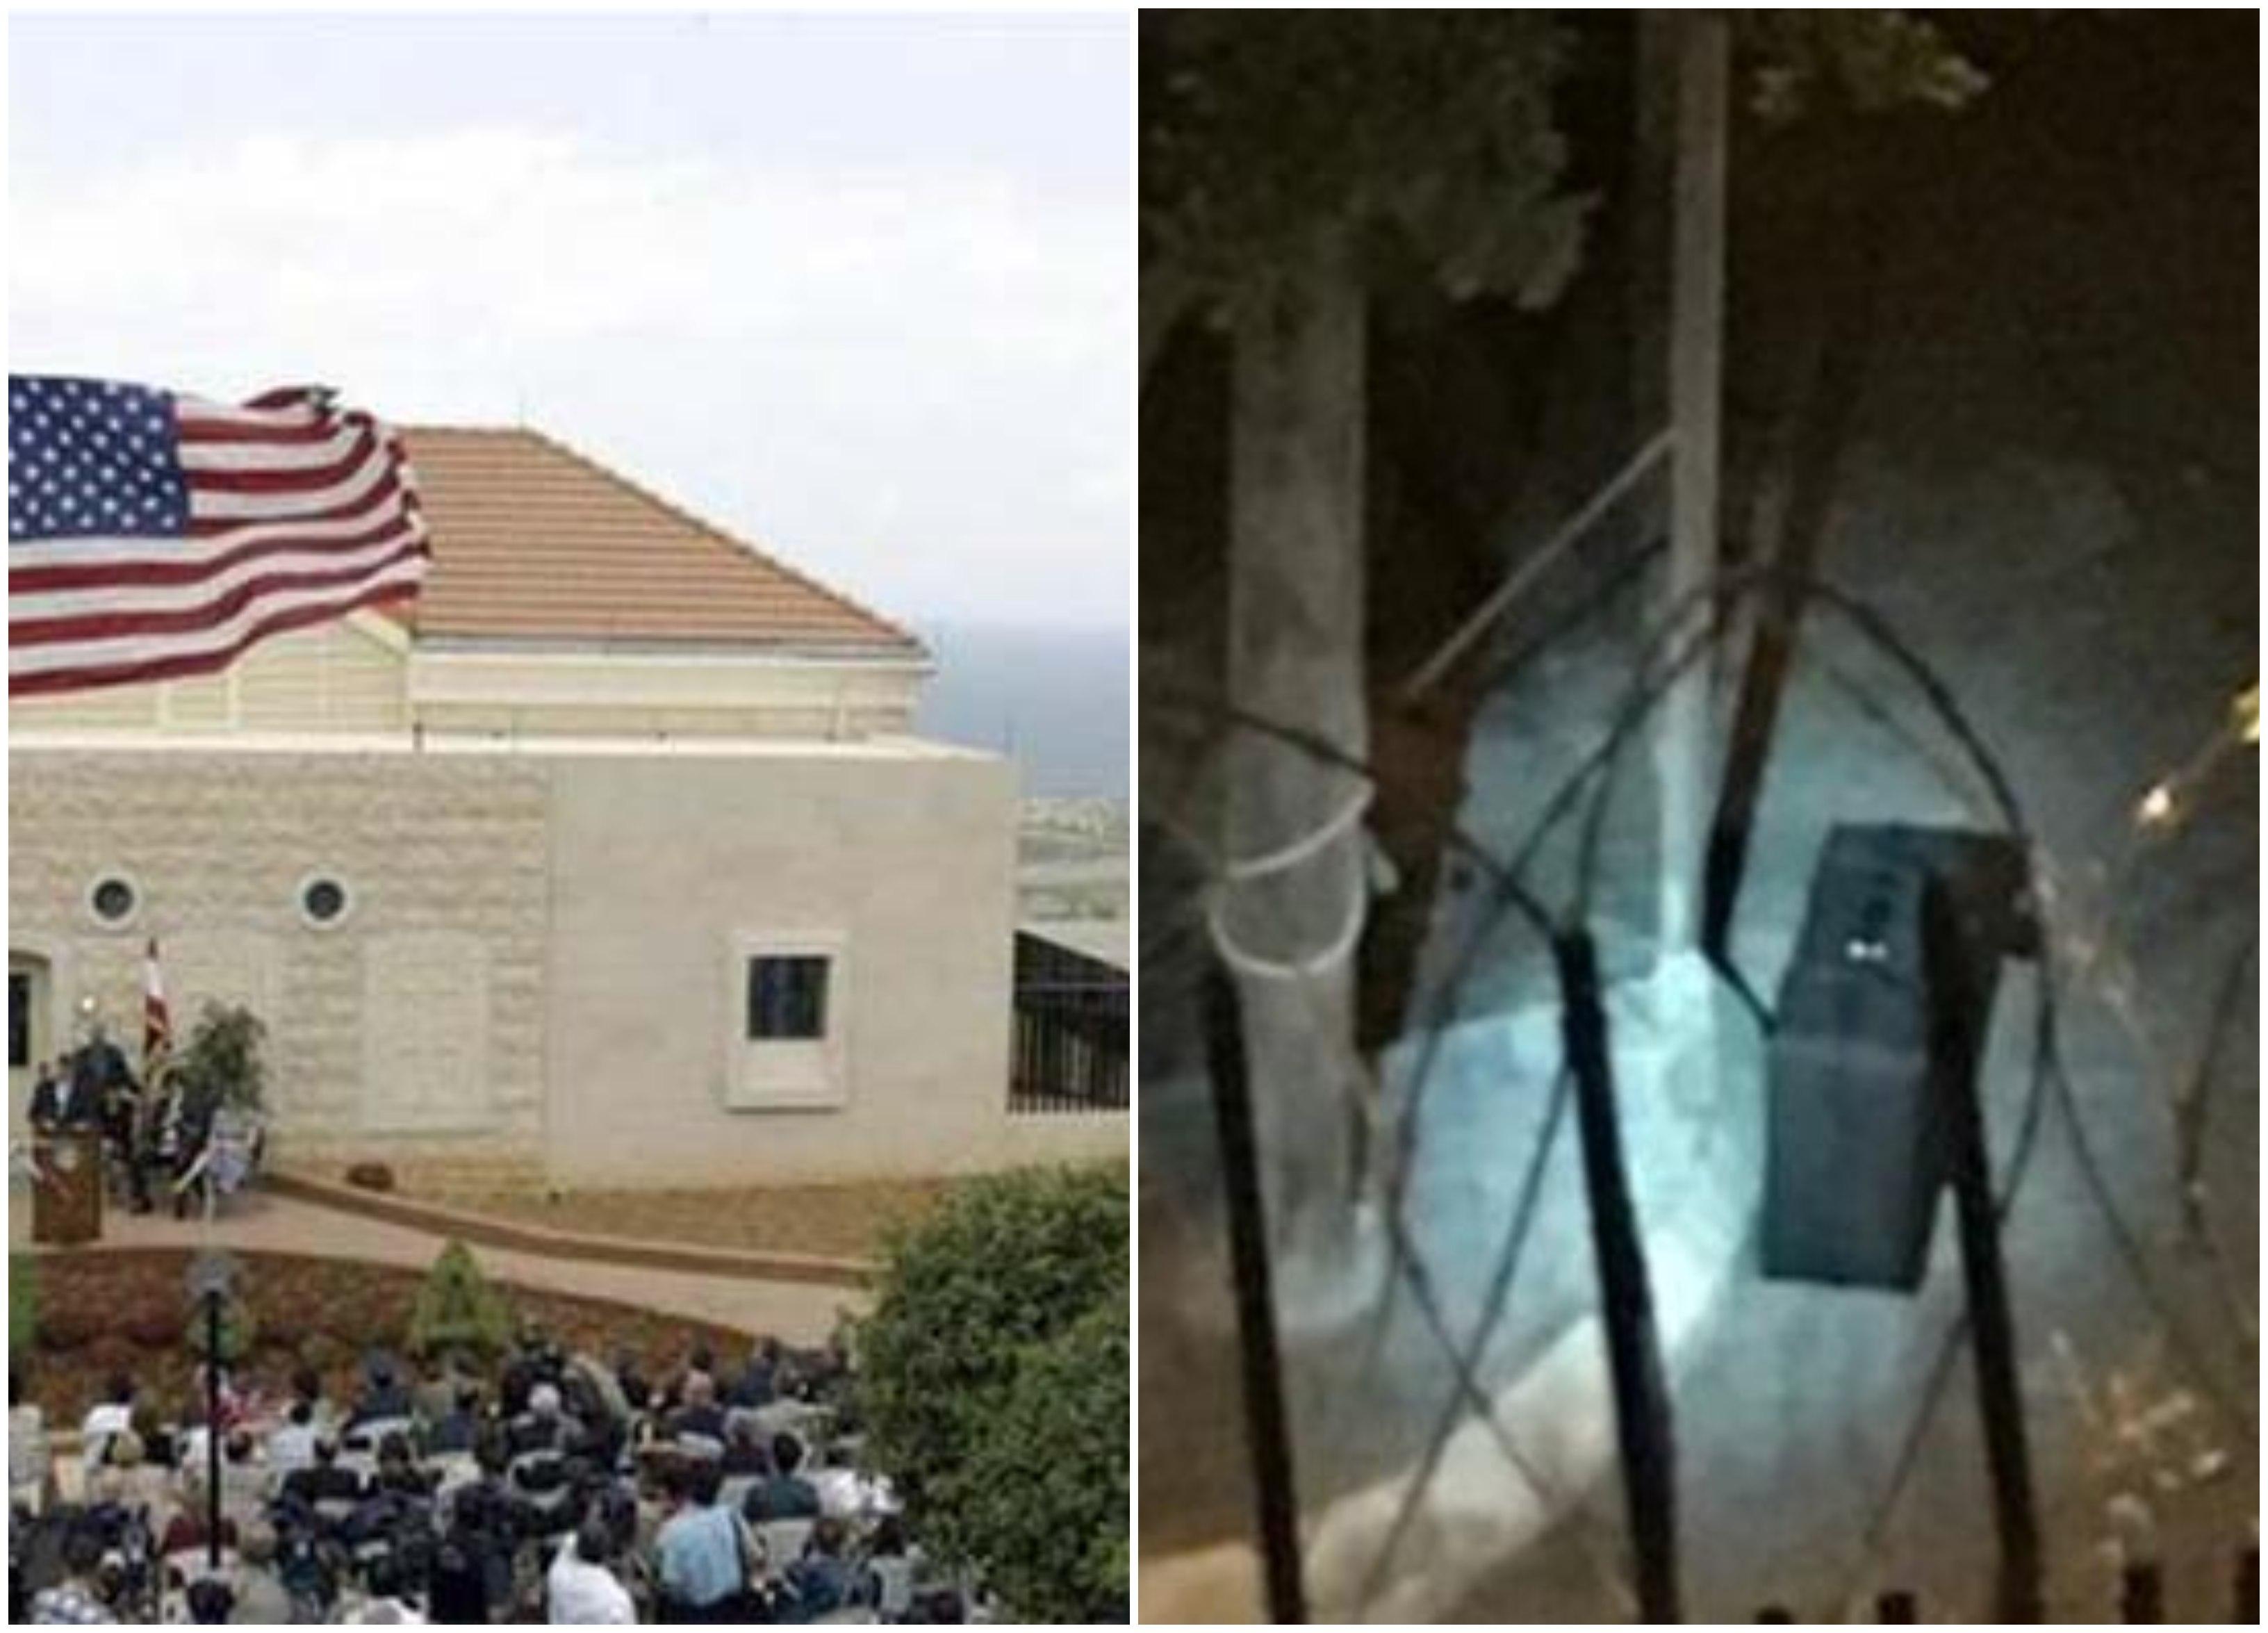 السفارة الأميركية في عوكر تشكر الجيش والقوى الامنية للمساعدة بعد الاشتباه بحقيبة قربها